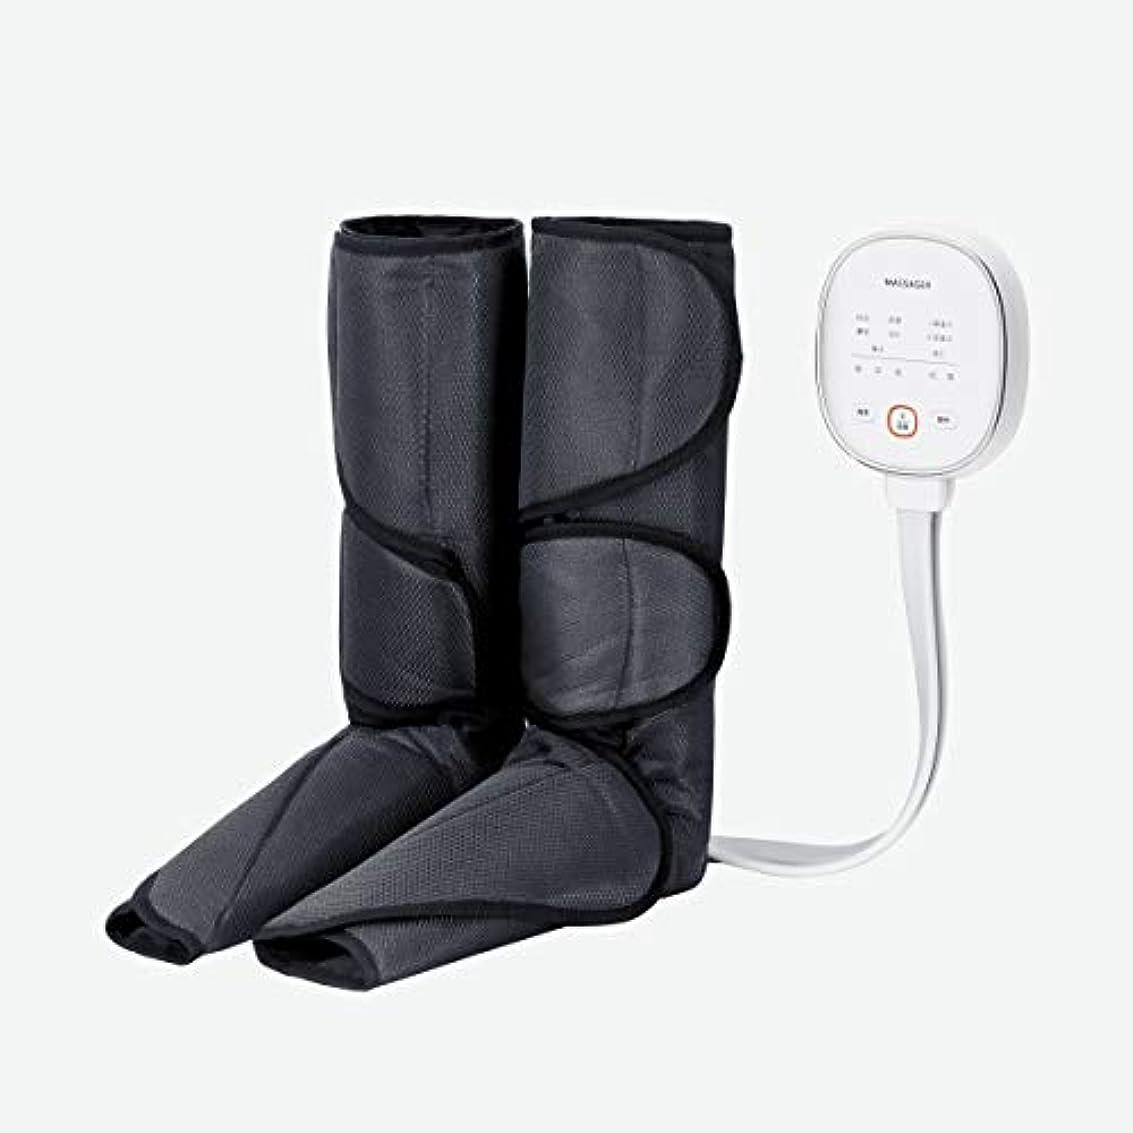 暴力レオナルドダ欲しいですマッサージャー フット エアーマッサージャー温感機能搭載 ふくらはぎ 気圧 6つのマッサージコースを 不眠症改善、解消 家庭用&職場用 敬老の日